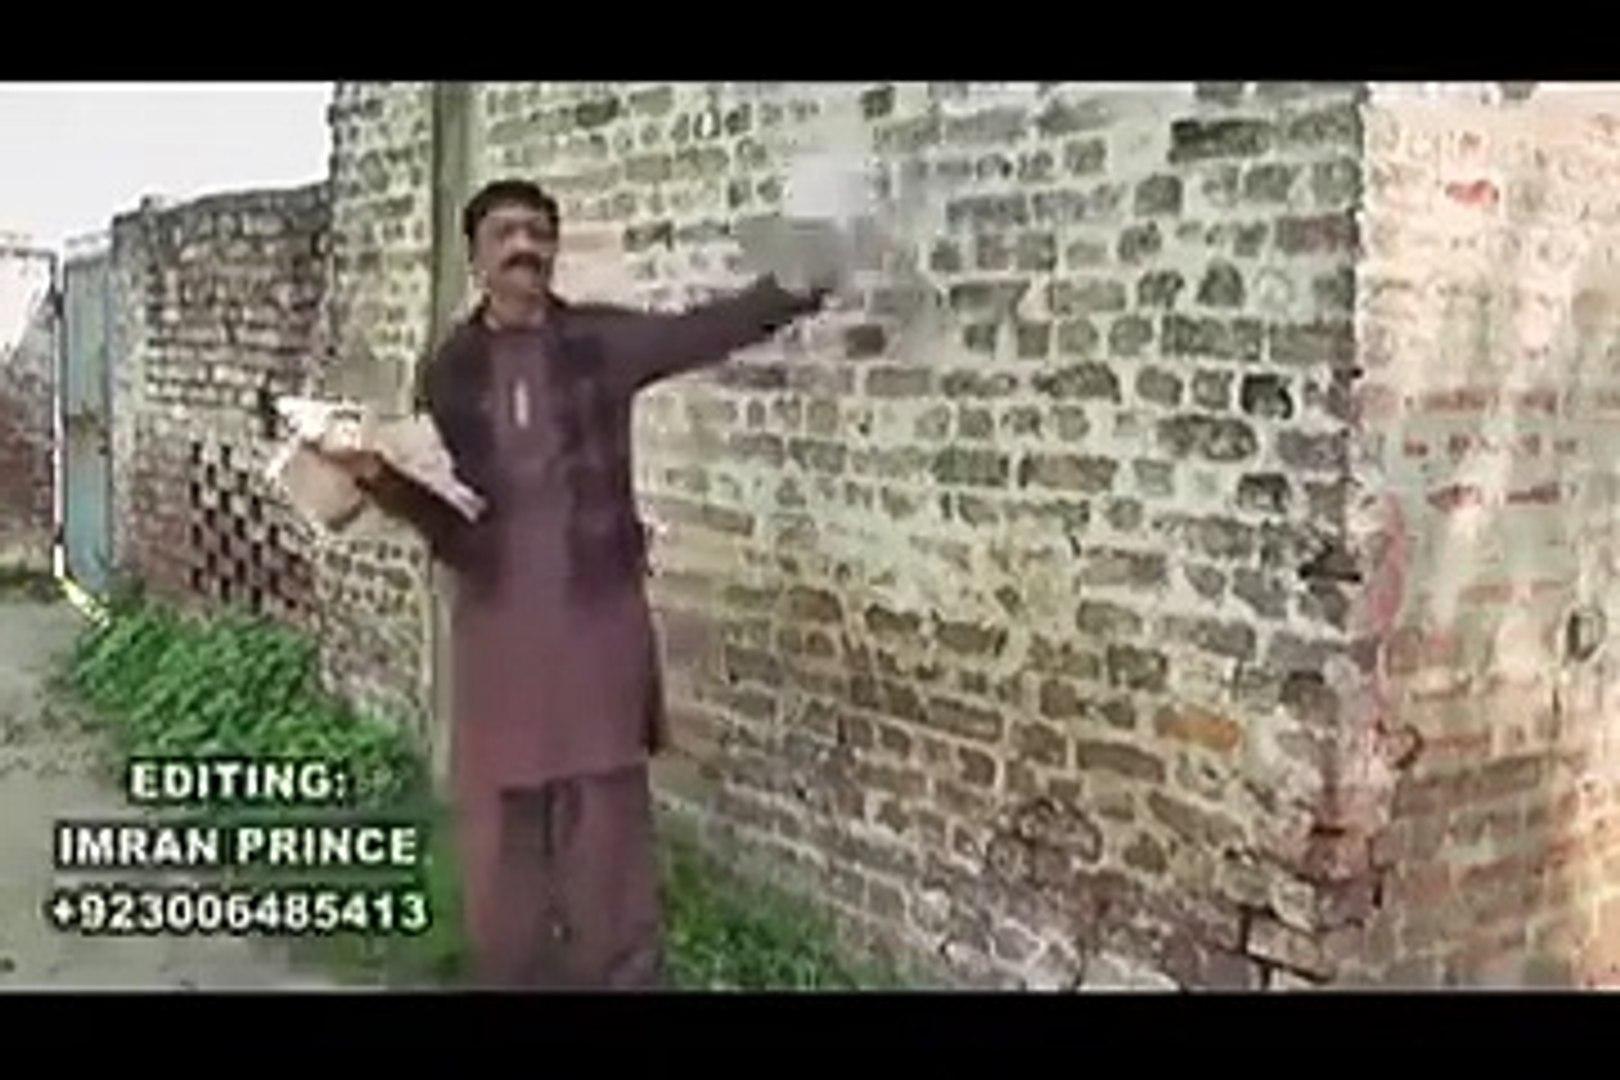 New top Punjabi Funny Clip - Ek Bandy ny 70 Bando ko Bewqoof Bana Diya